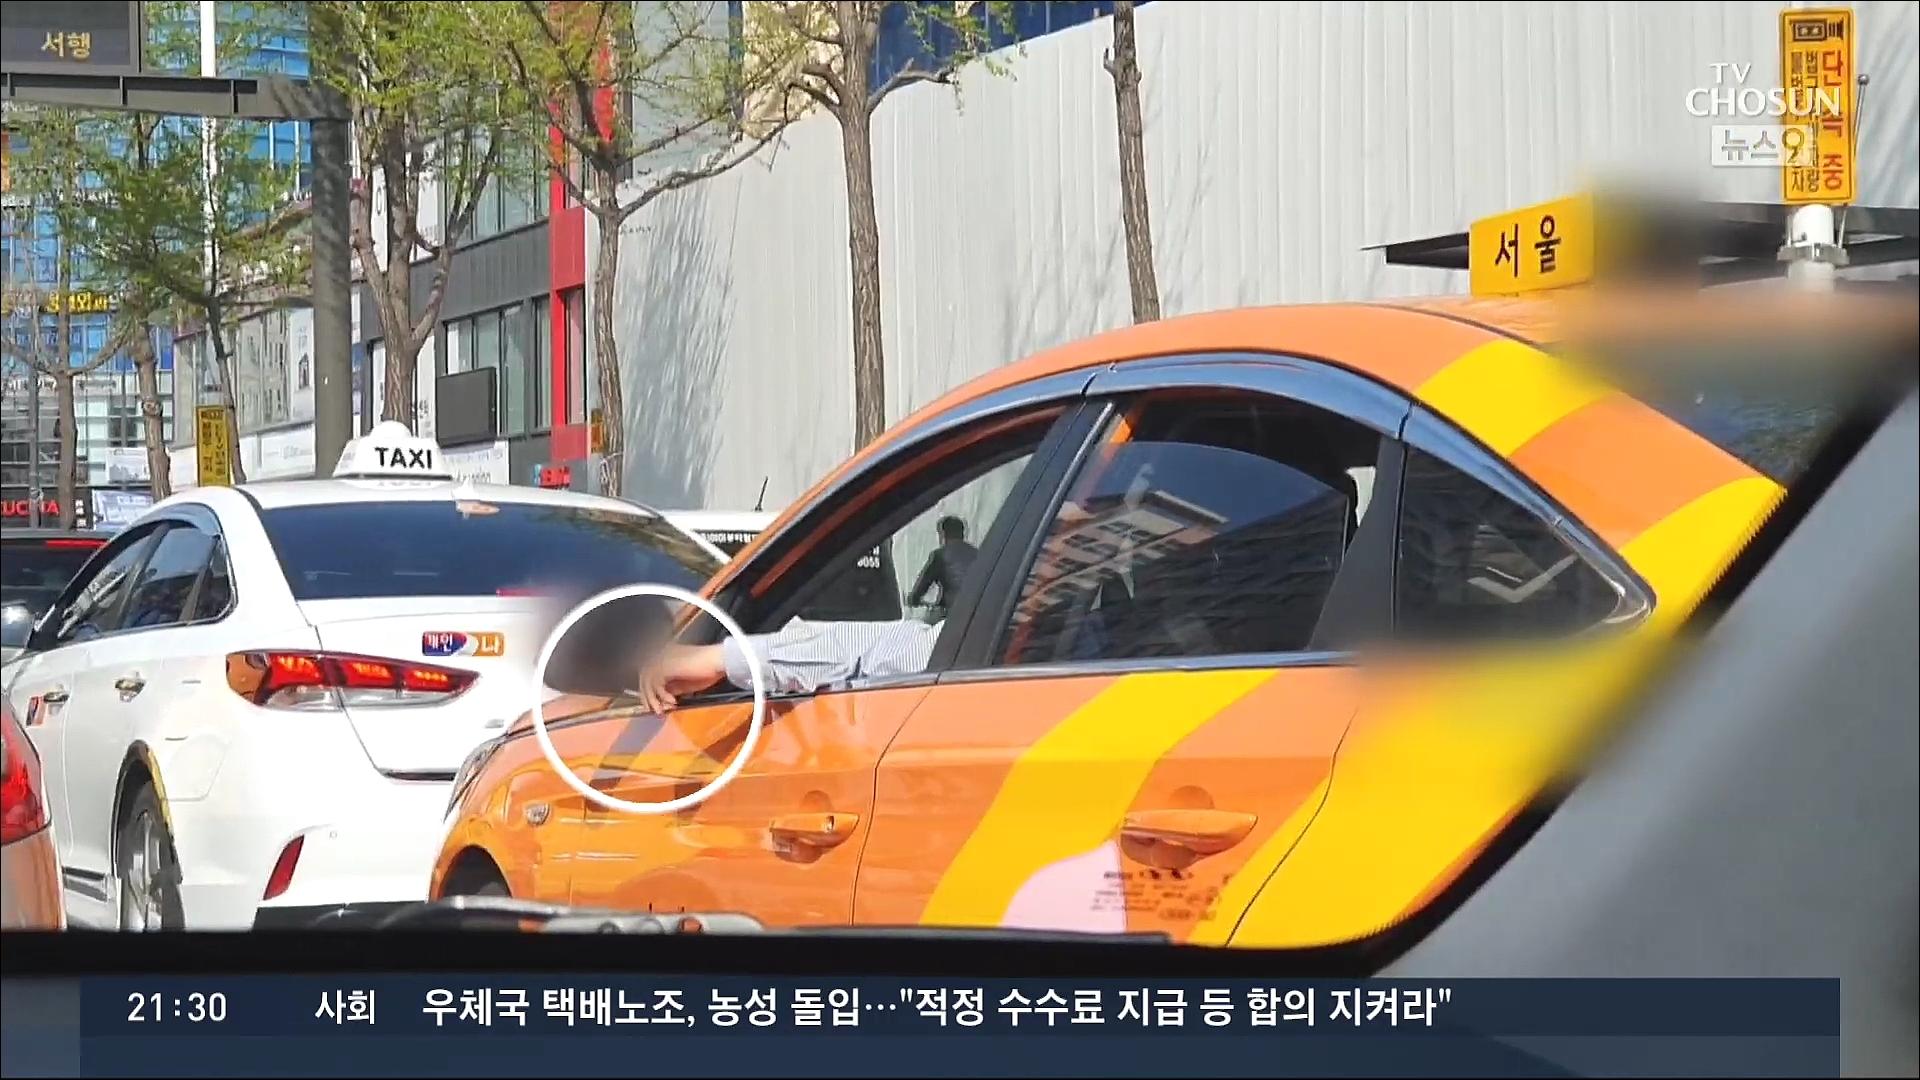 [CSI] 1시간 지나도 유해물질 가득…택시기사 '흡연' 여전